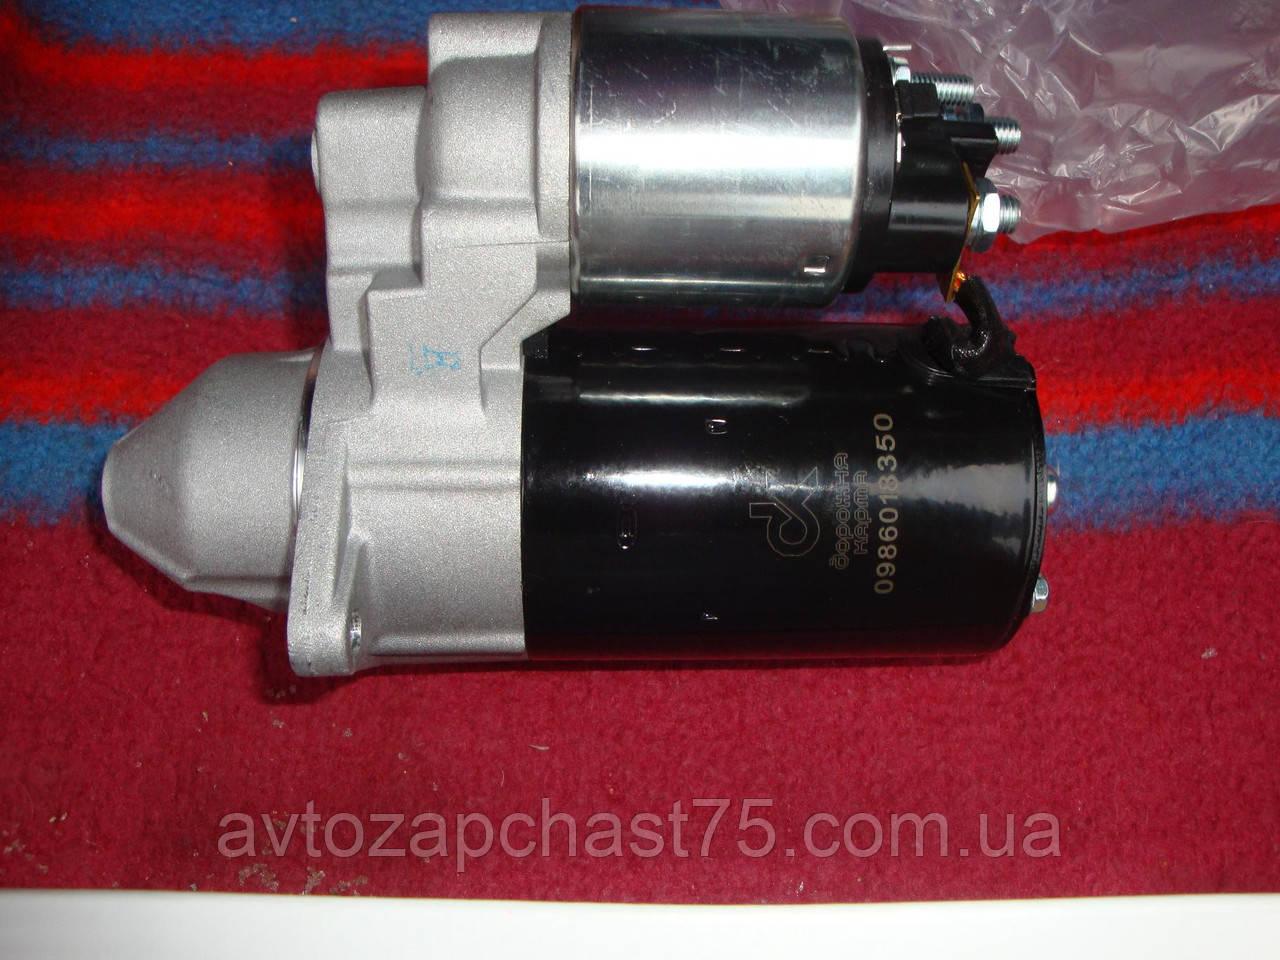 Стартер Daewoo Lanos , Opel 1,6 л., 1,2 кВТ (производитель Дорожная Карта, Харьков)